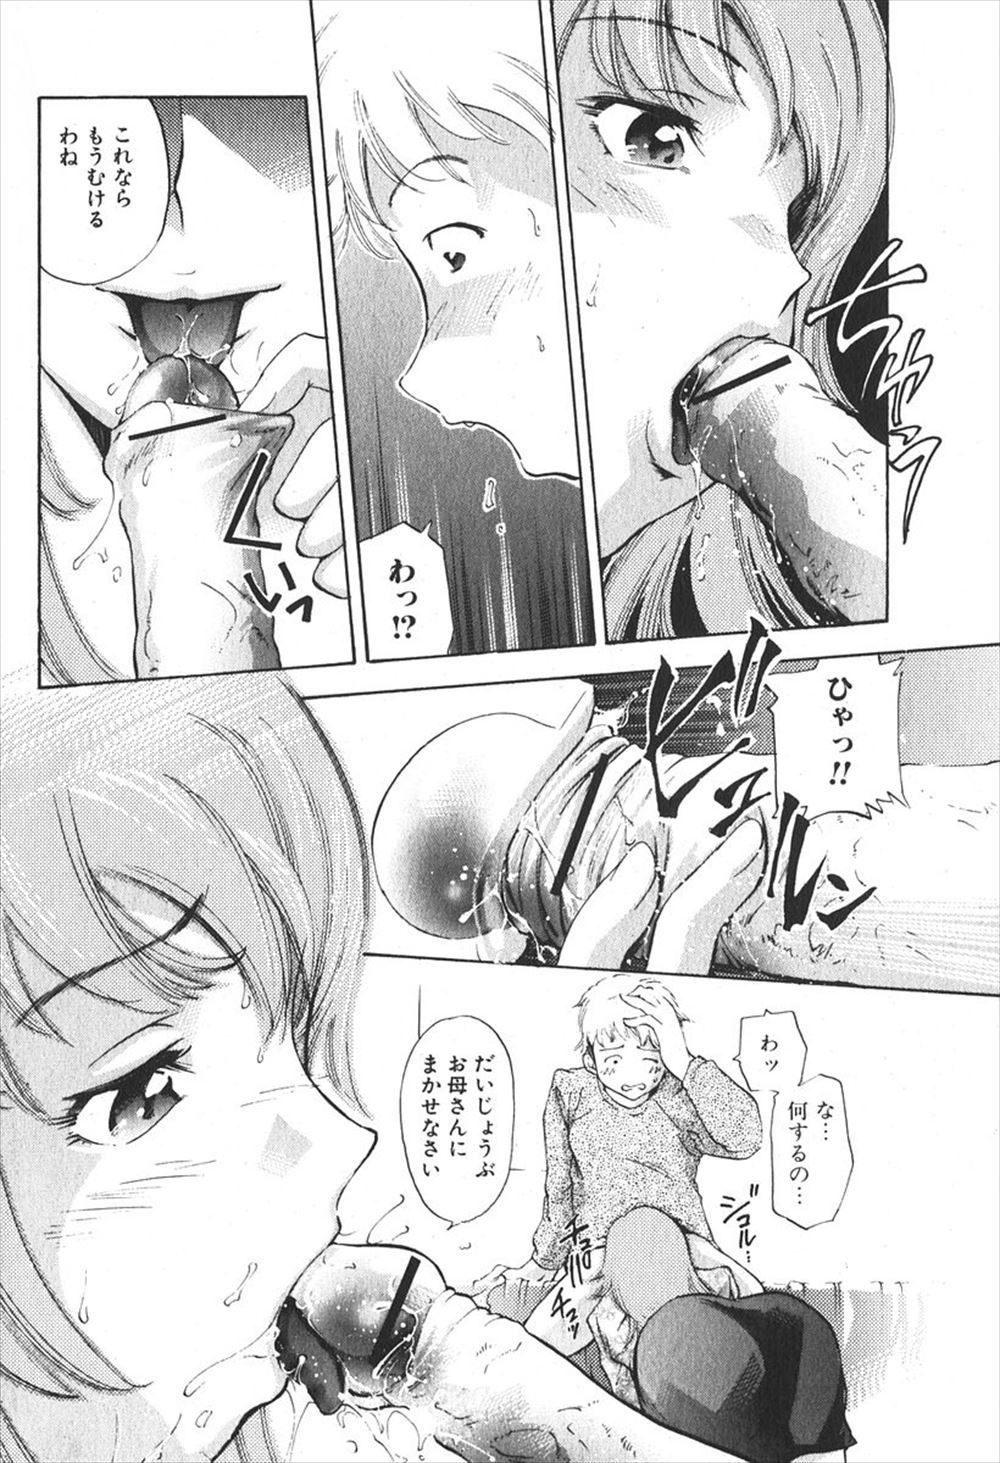 【エロ漫画】友達が家に持ってきたヌード写真が母に似ていて勃起してしまい、それが母にバレて親子セックス! 006